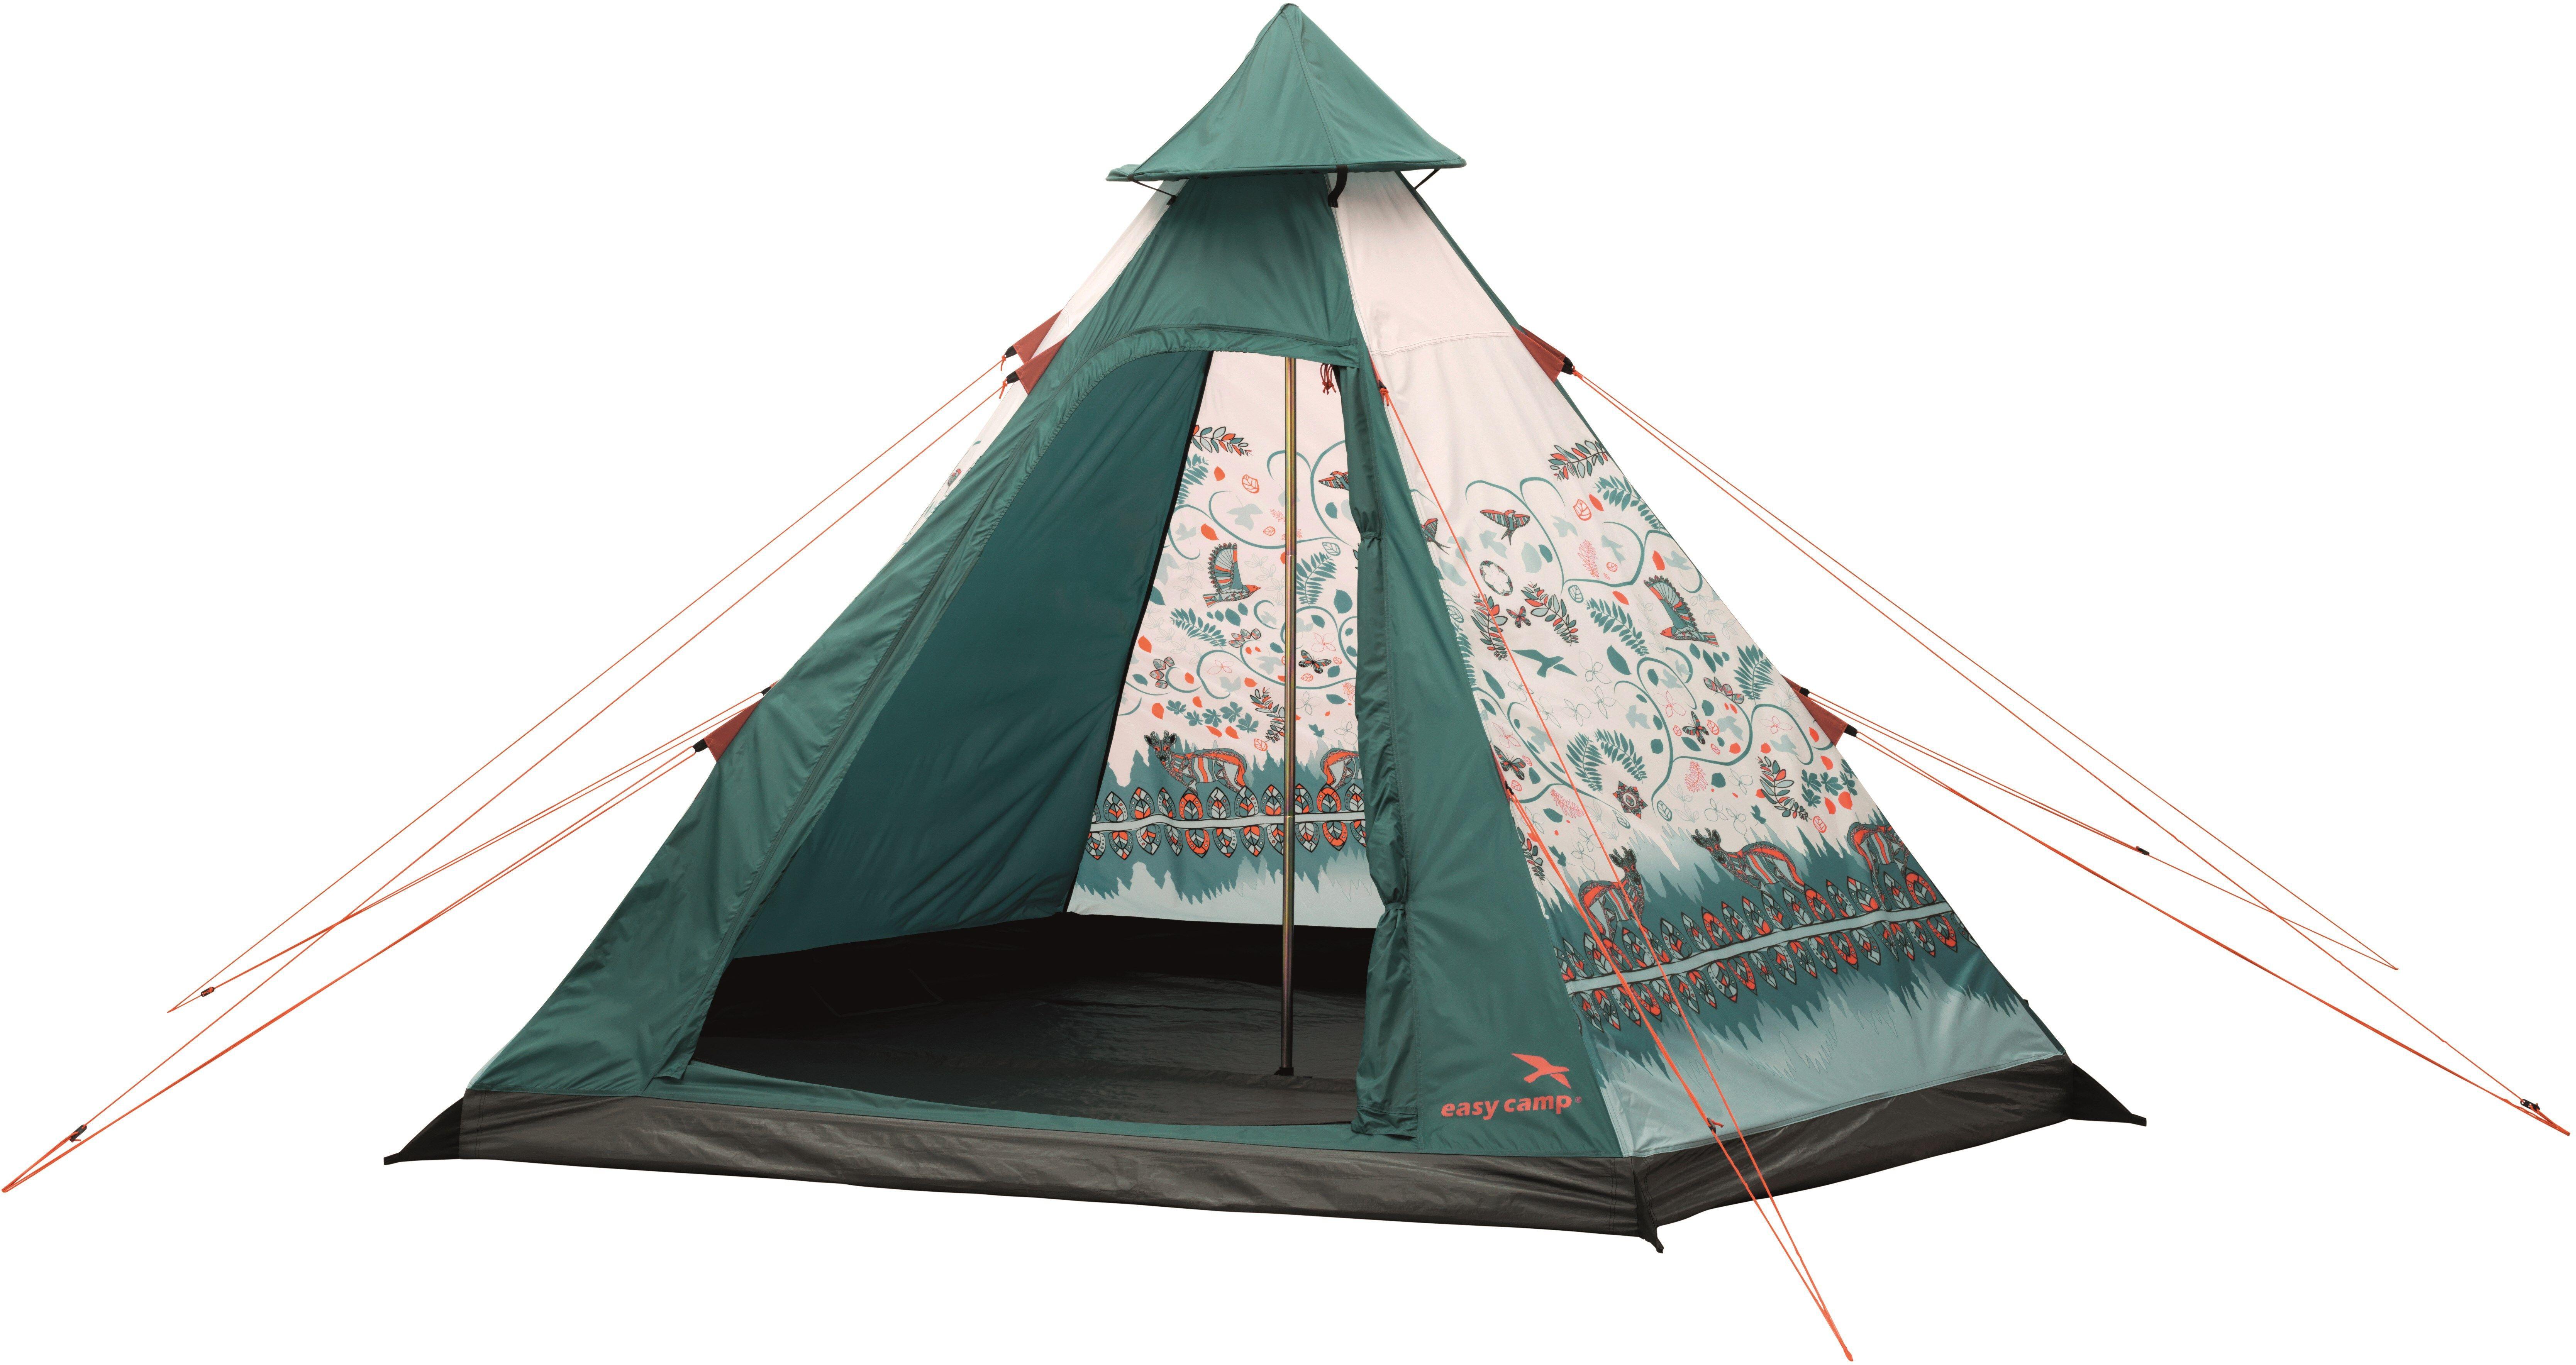 Tidssvarende Easy Camp Dayhaven Telt | Find outdoortøj, sko & udstyr på nettet PQ-71